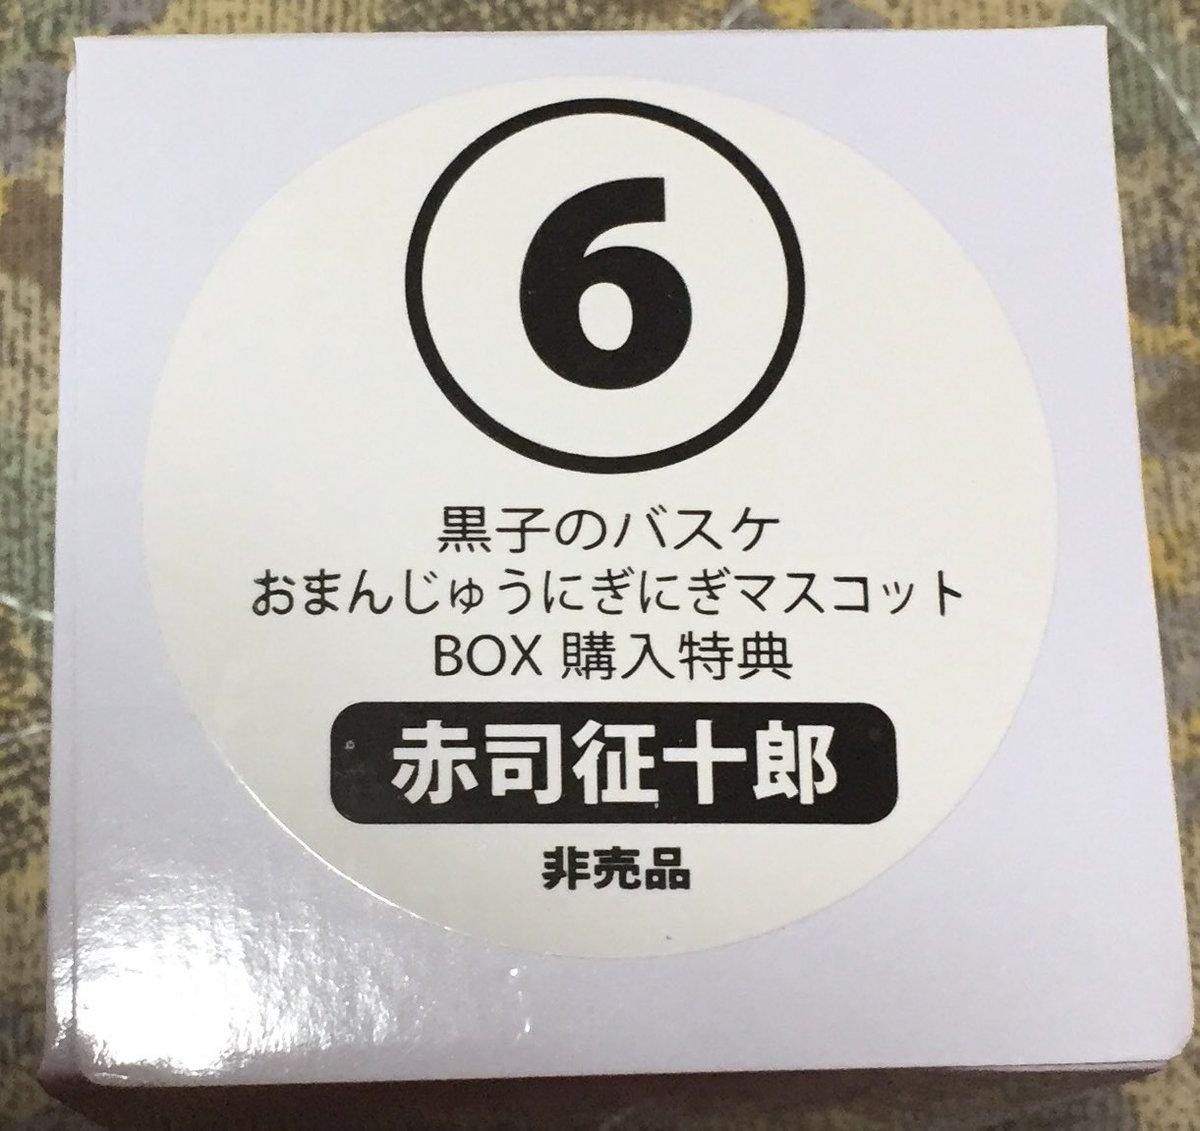 (交換)譲→黒バス おまんじゅう アニメイト BOX購入特典 赤司(未開封)求→異種笠松先輩グッズよろしくお願いいたしま